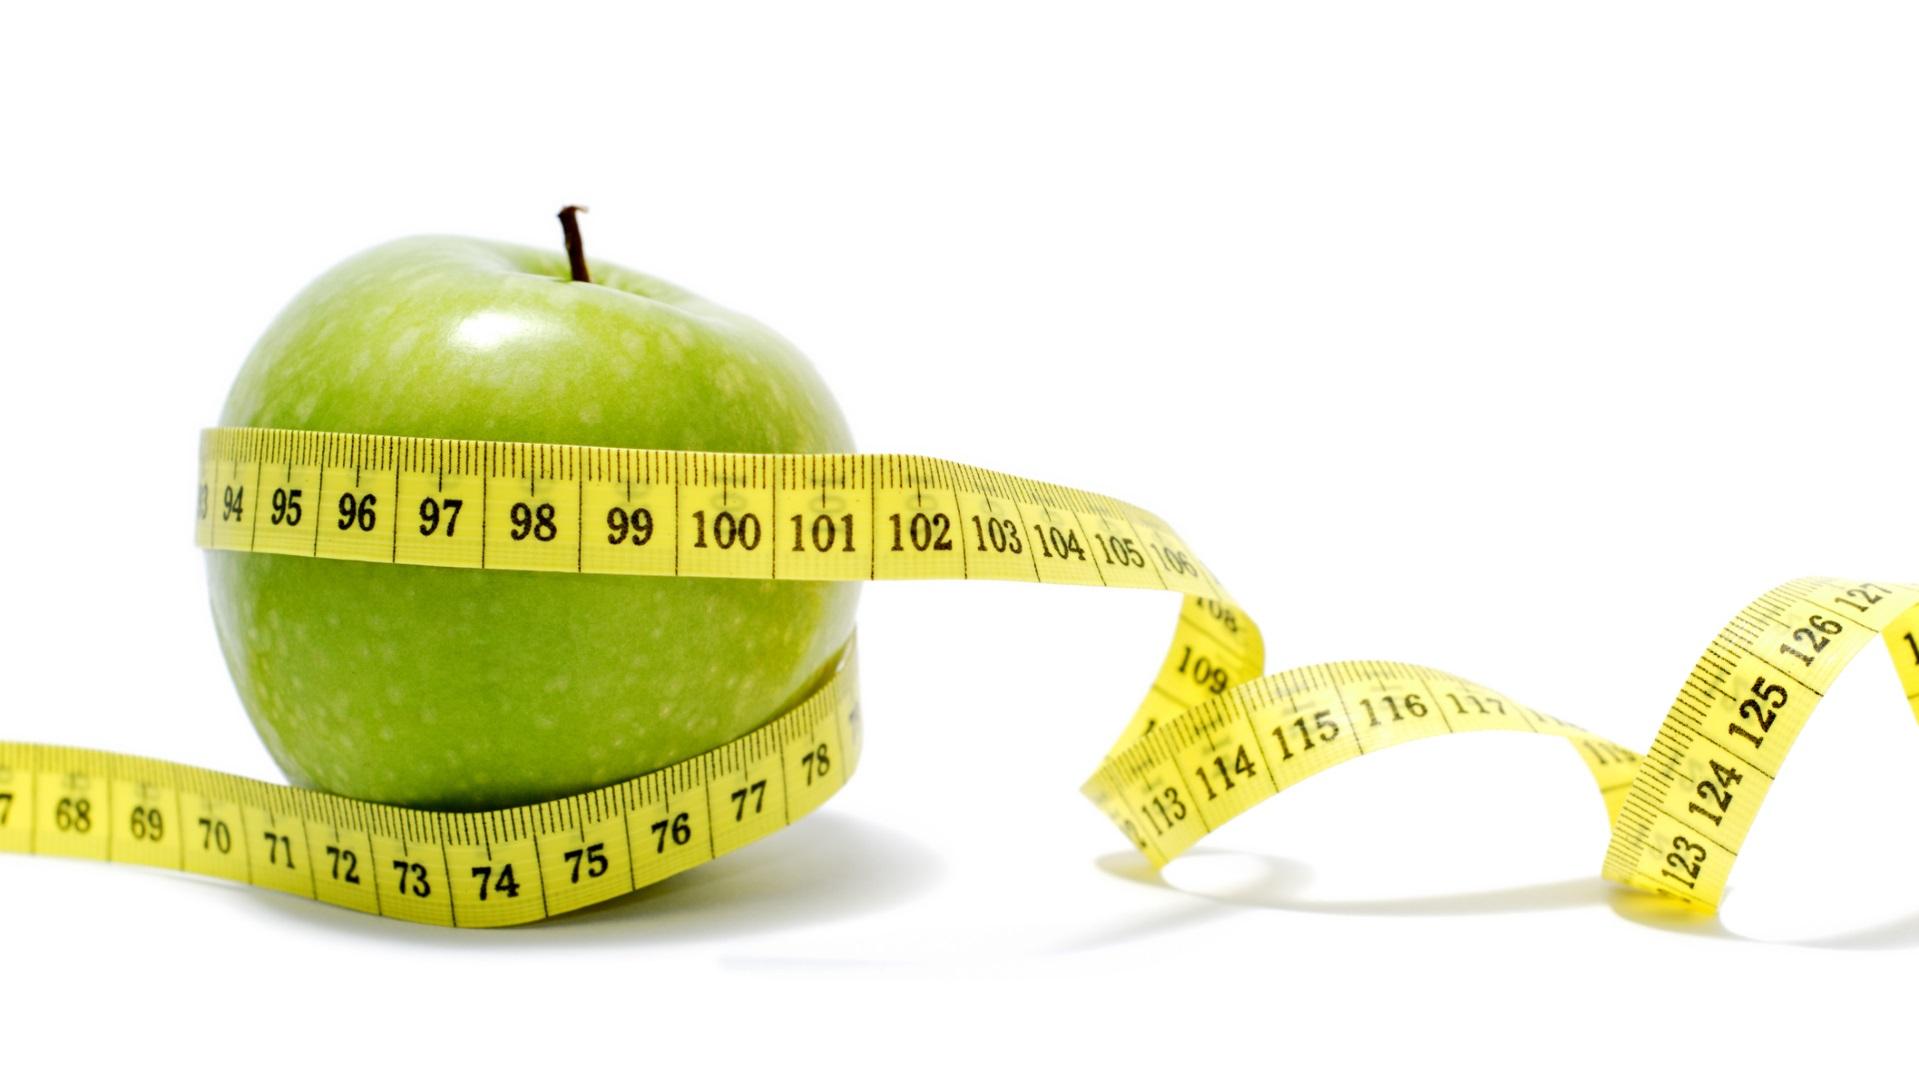 <p><strong>Може да напълнеете</strong></p>  <p>Тъй като ябълките са пълни със здравословни въглехидрати, които дават на организма ни горивото, от което се нуждае, за да се движи, много здравни експерти ги препоръчват. Когато обаче имаме повече от една или две на ден, това може да ни накара да наддадем килограми. Това е така, защото тялото първо изгаря въглехидратите, така че яденето на твърде много ябълки може да попречи на тялото ви да изгаря мазнините и така да отслабвате.</p>